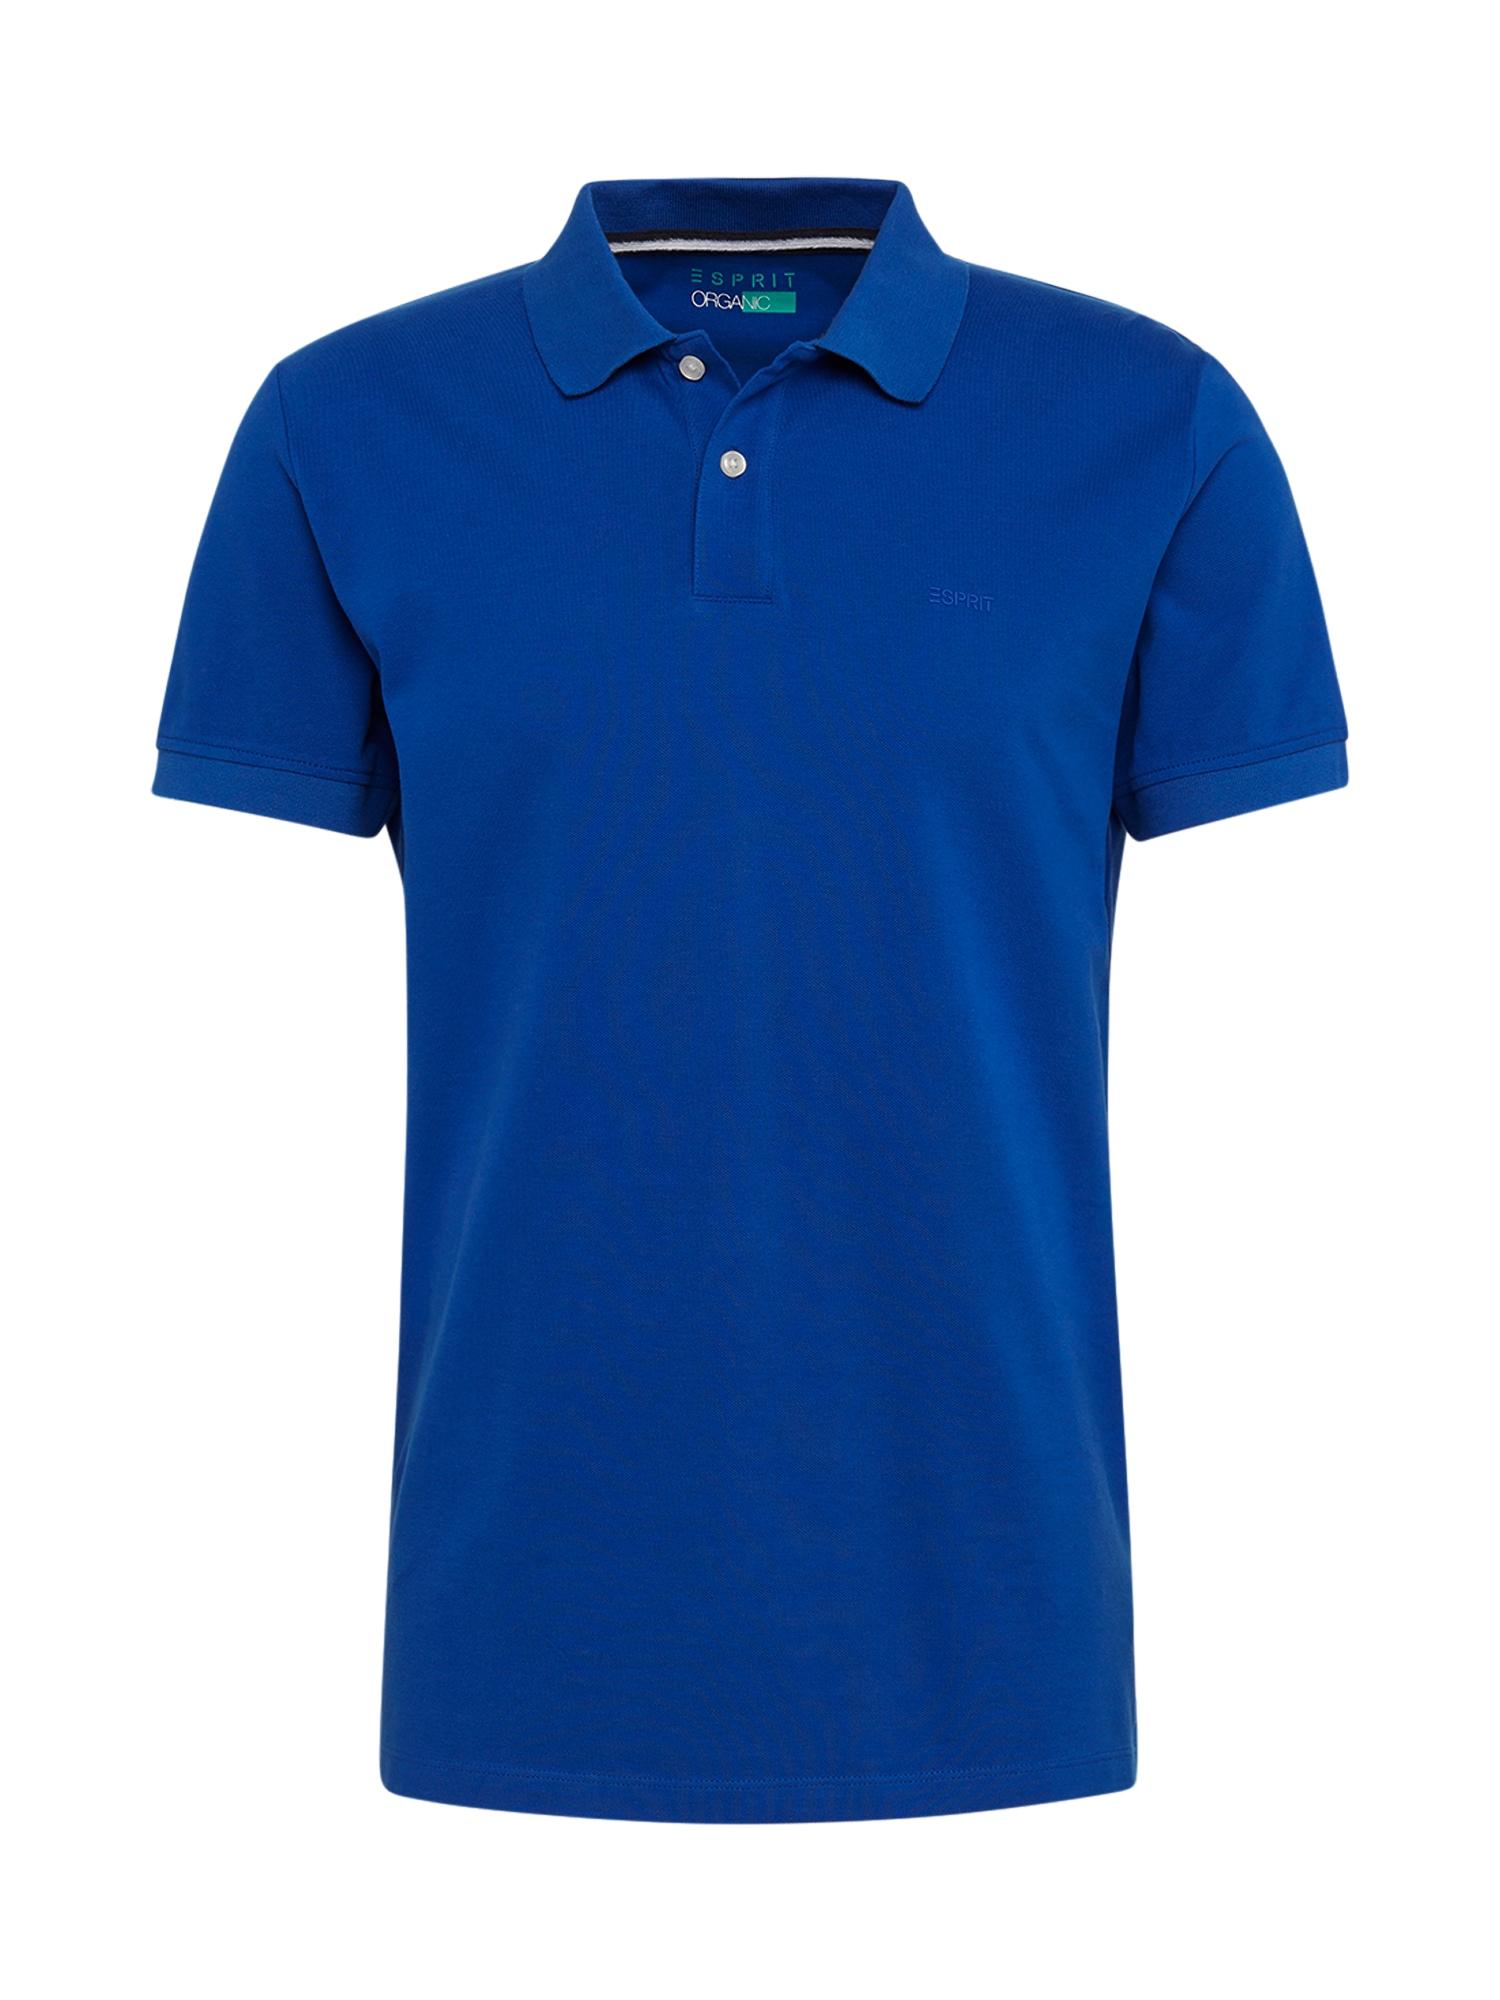 ESPRIT Marškinėliai 'OCS N pi po ss' šviesiai mėlyna